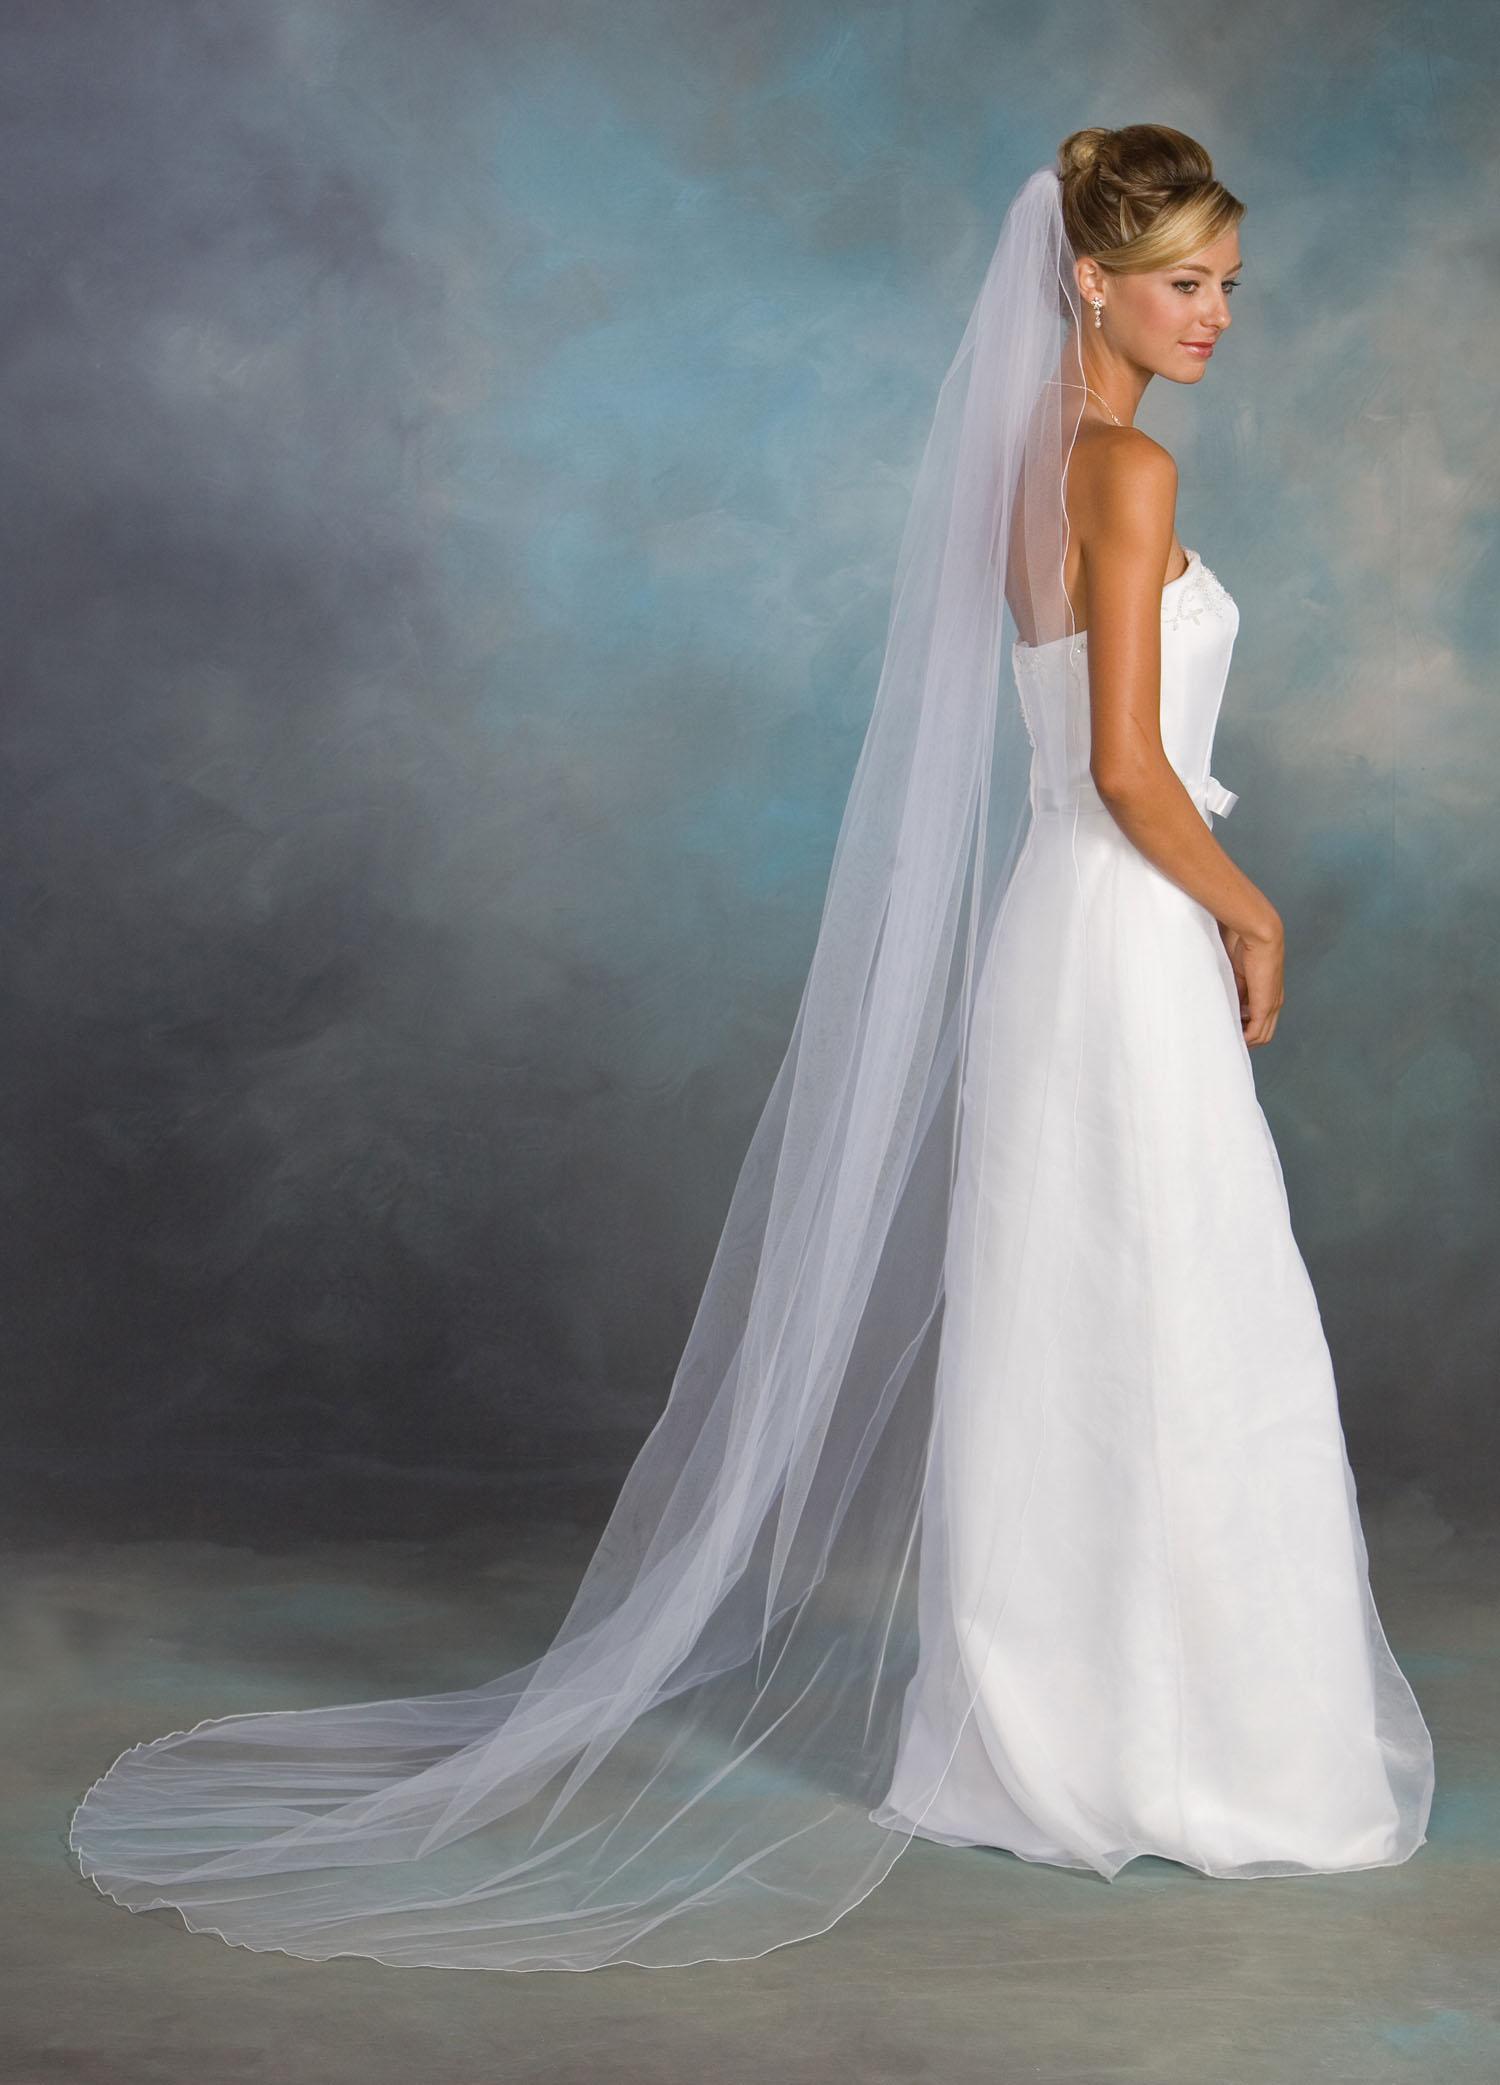 Фата невесты своими руками фото 20 фотография